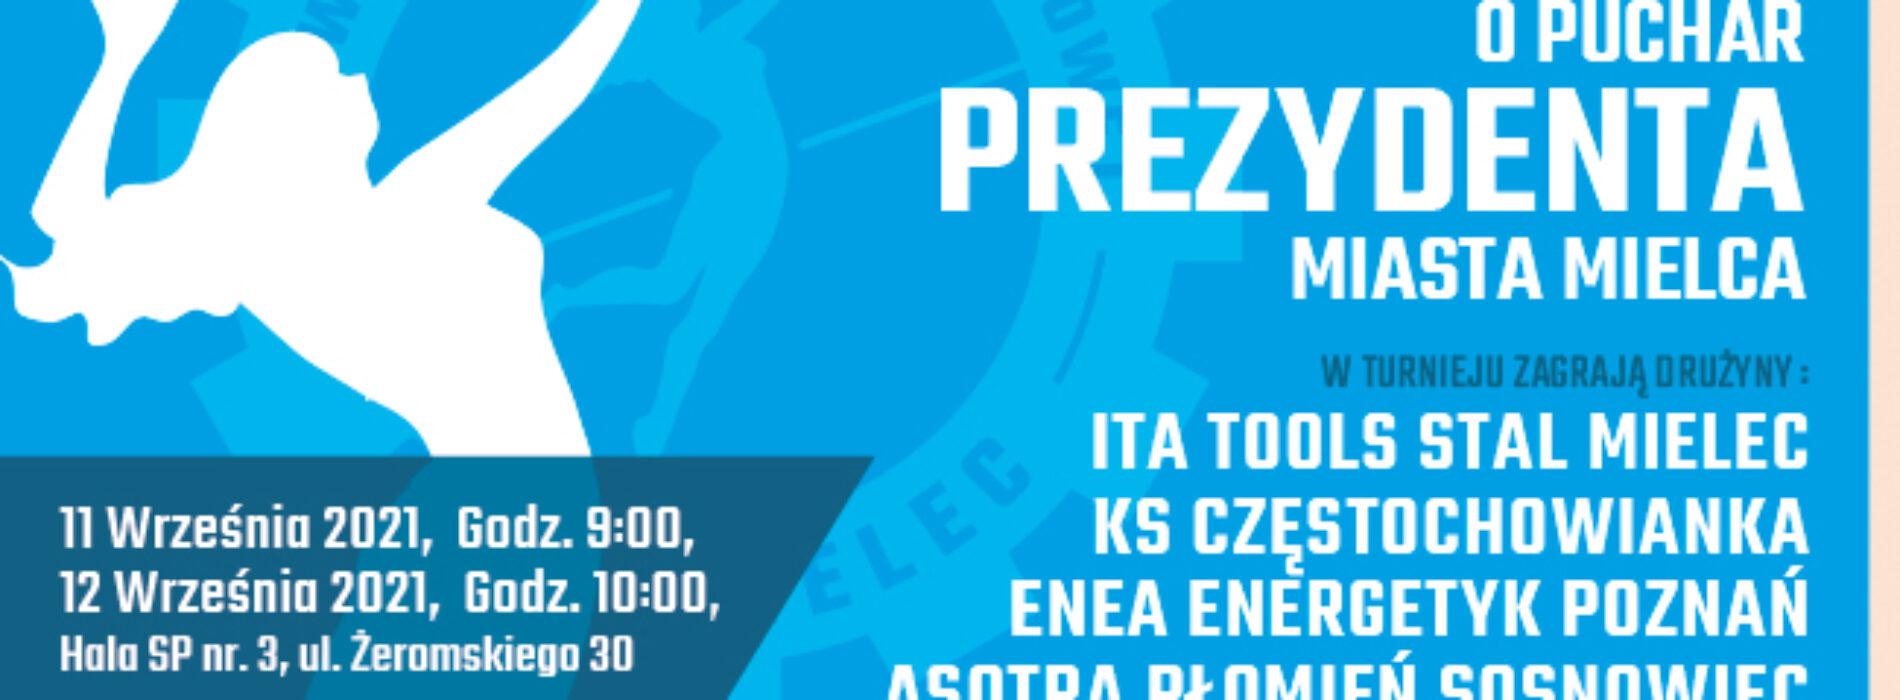 Siatkarskie emocje przed nami! – Turniej o Puchar Prezydenta Miasta Mielca